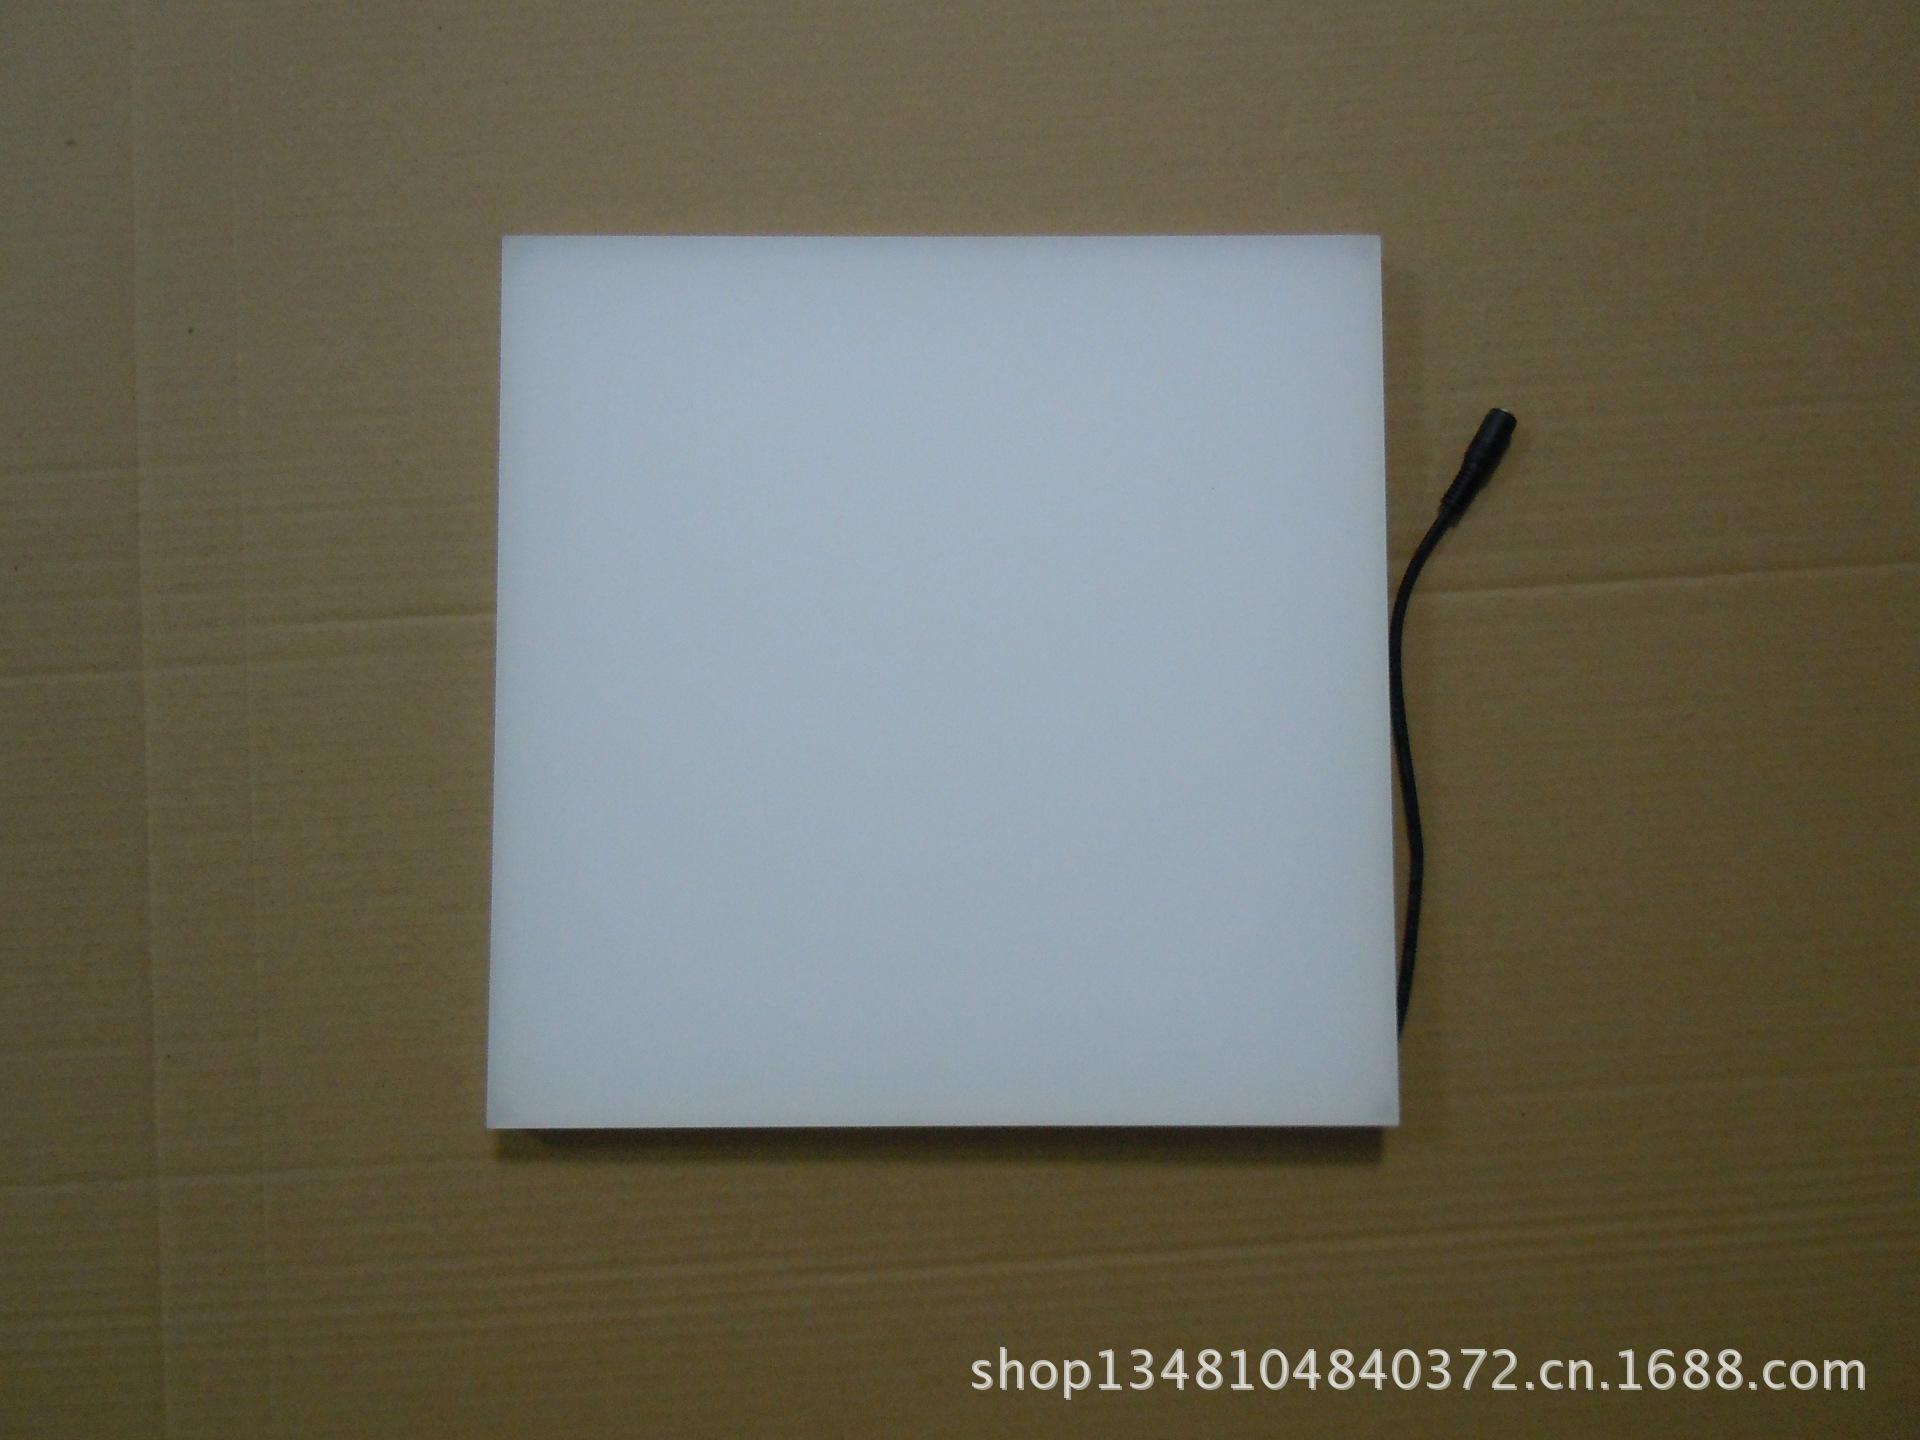 無邊框面板燈 無縫隙對接 拼接